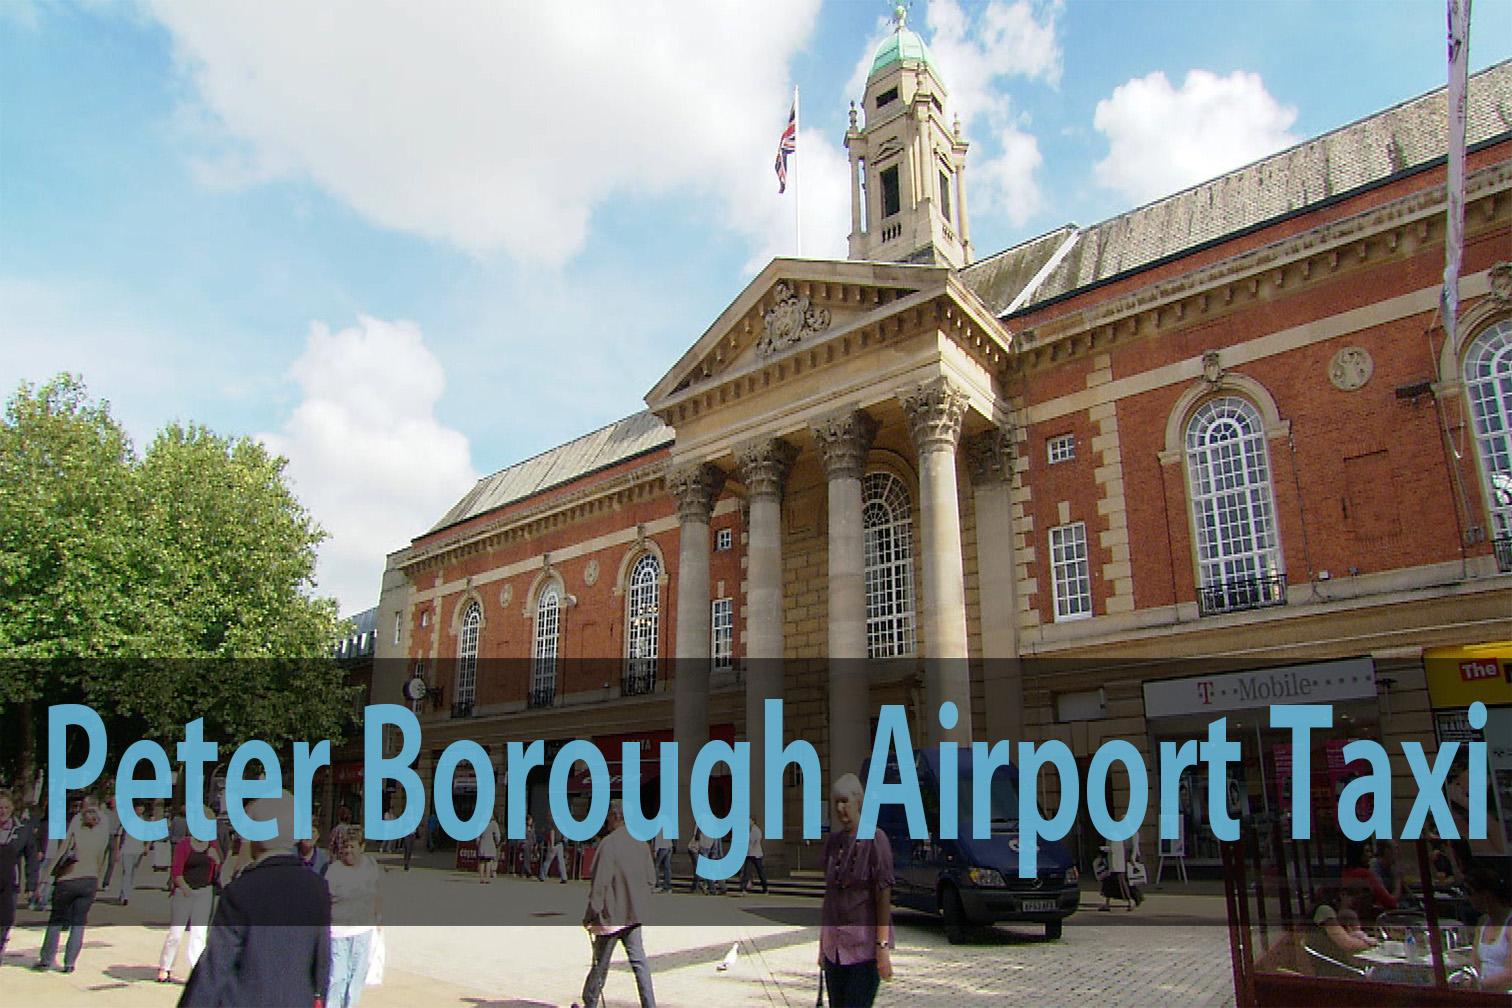 Peter Borough airport taxi